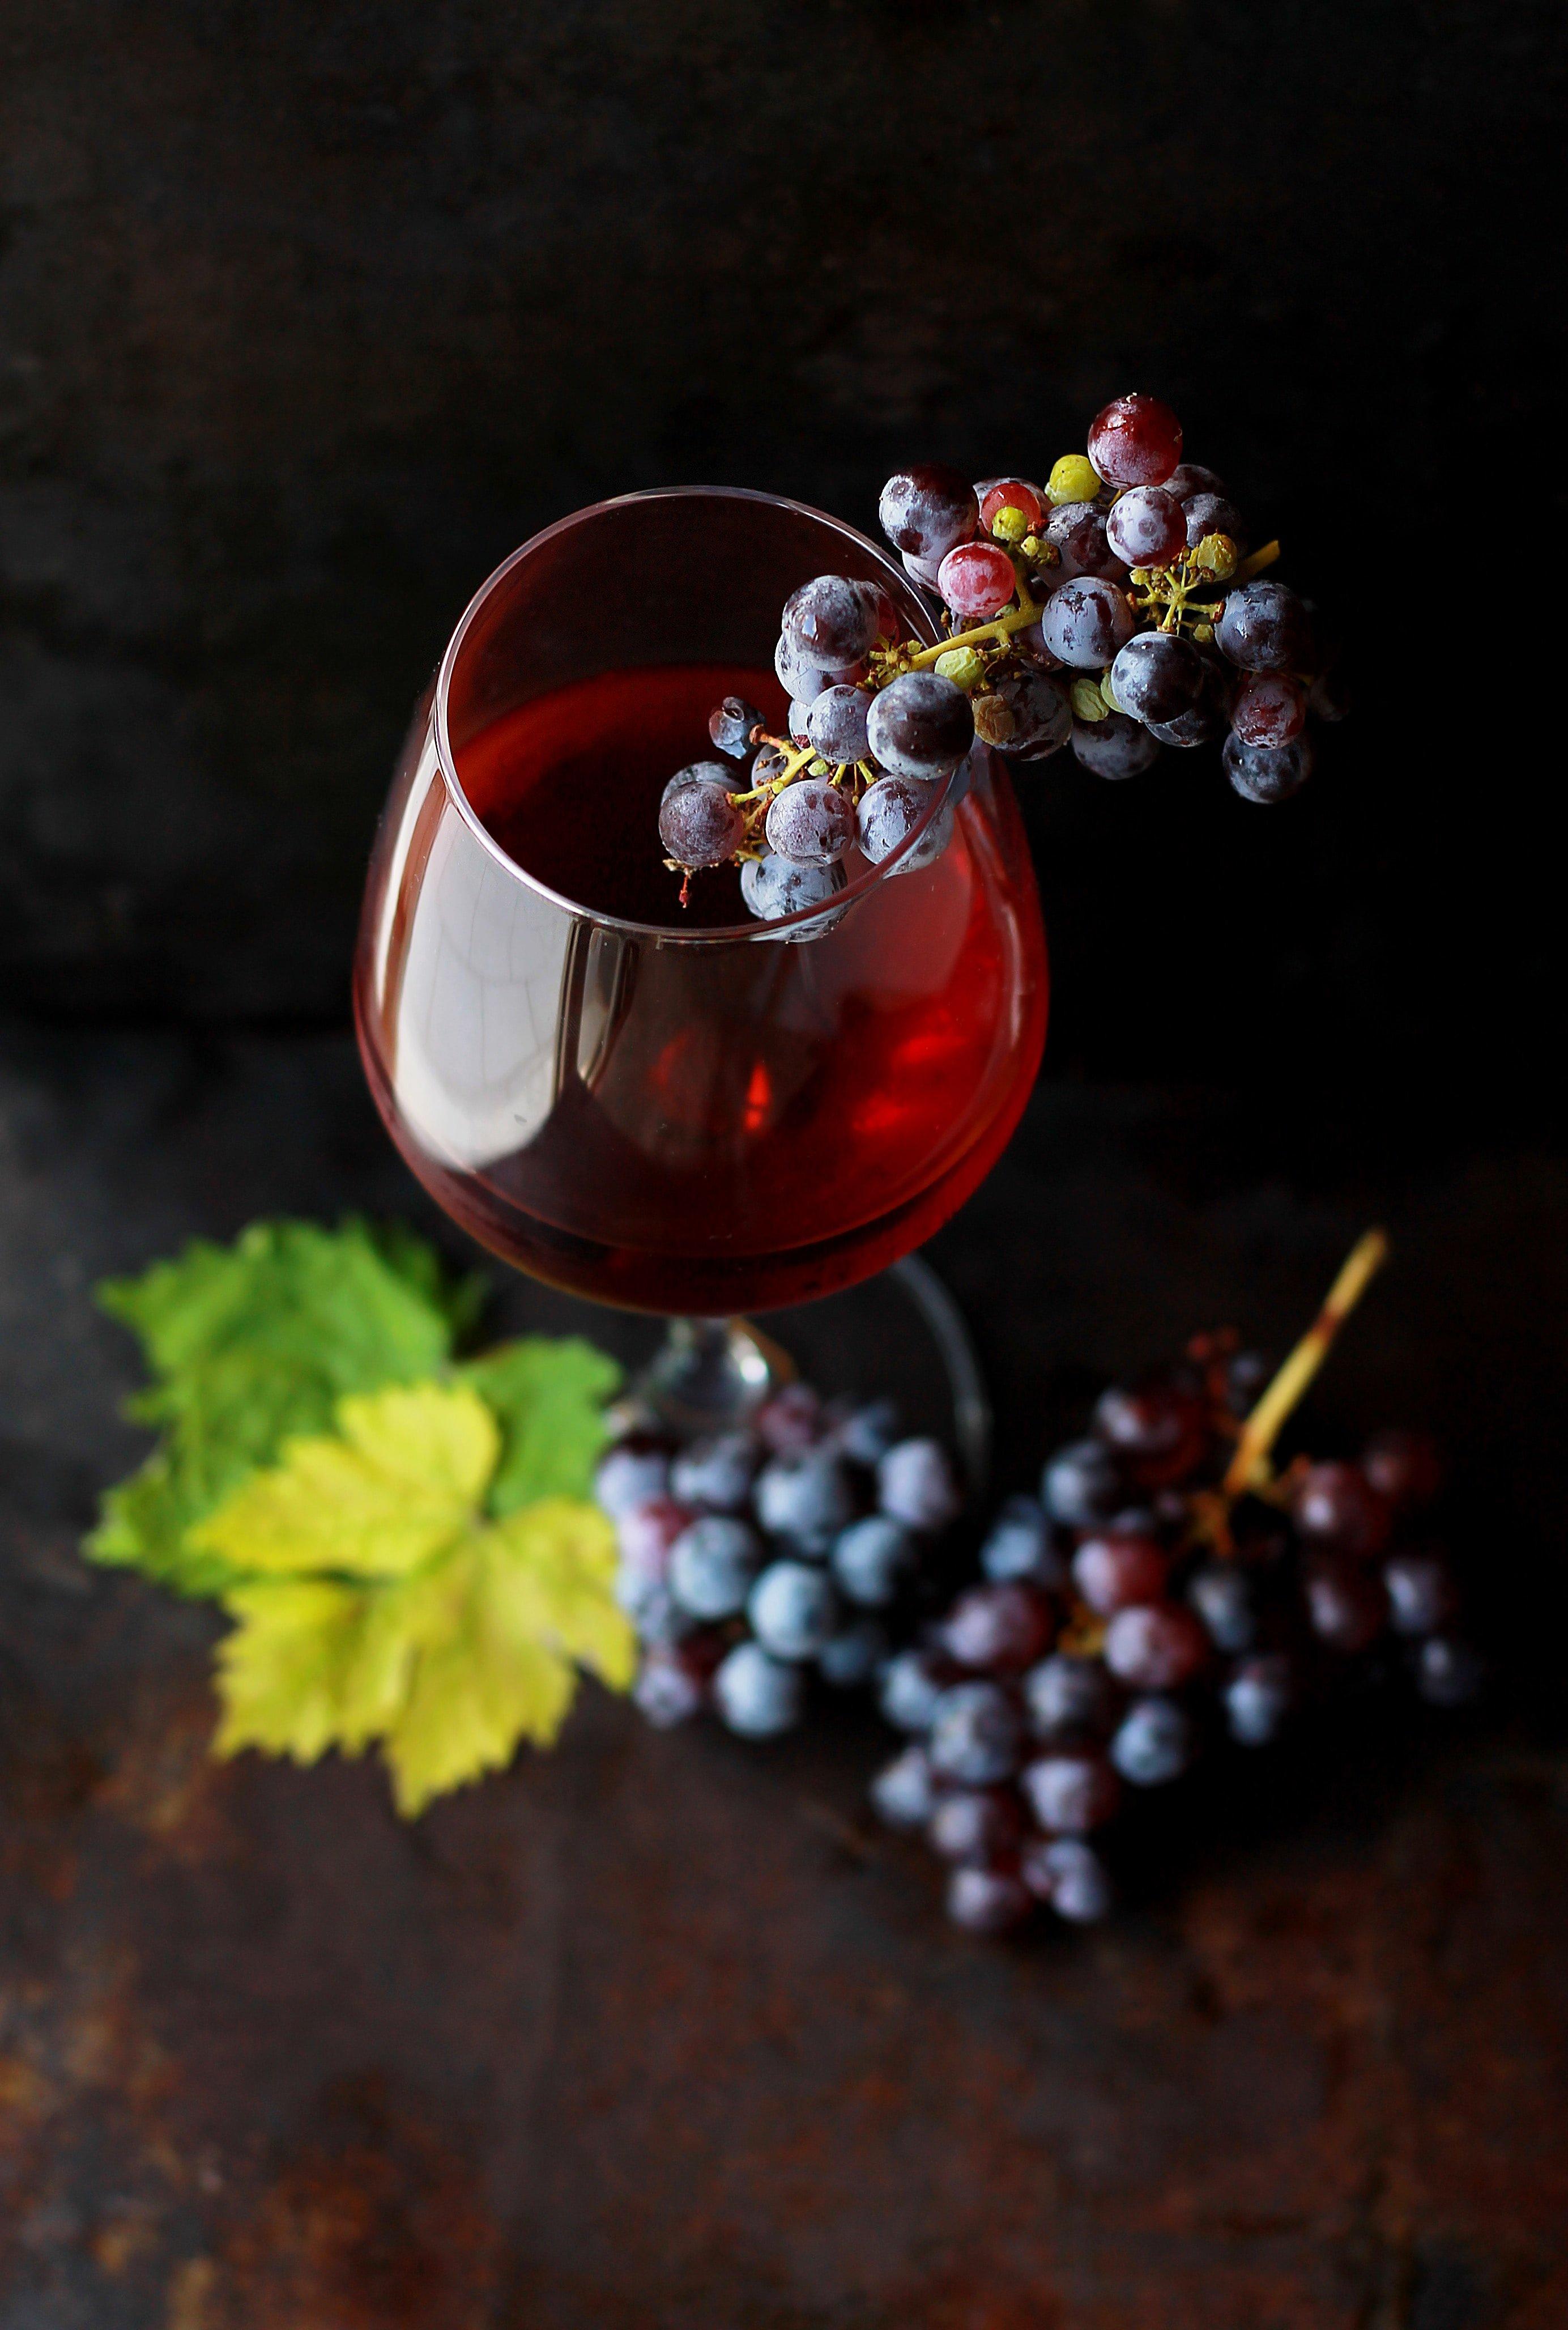 หลักสูตรประกาศนียบัตรความรู้เกี่ยวกับไวน์ (45 ชั่วโมง)